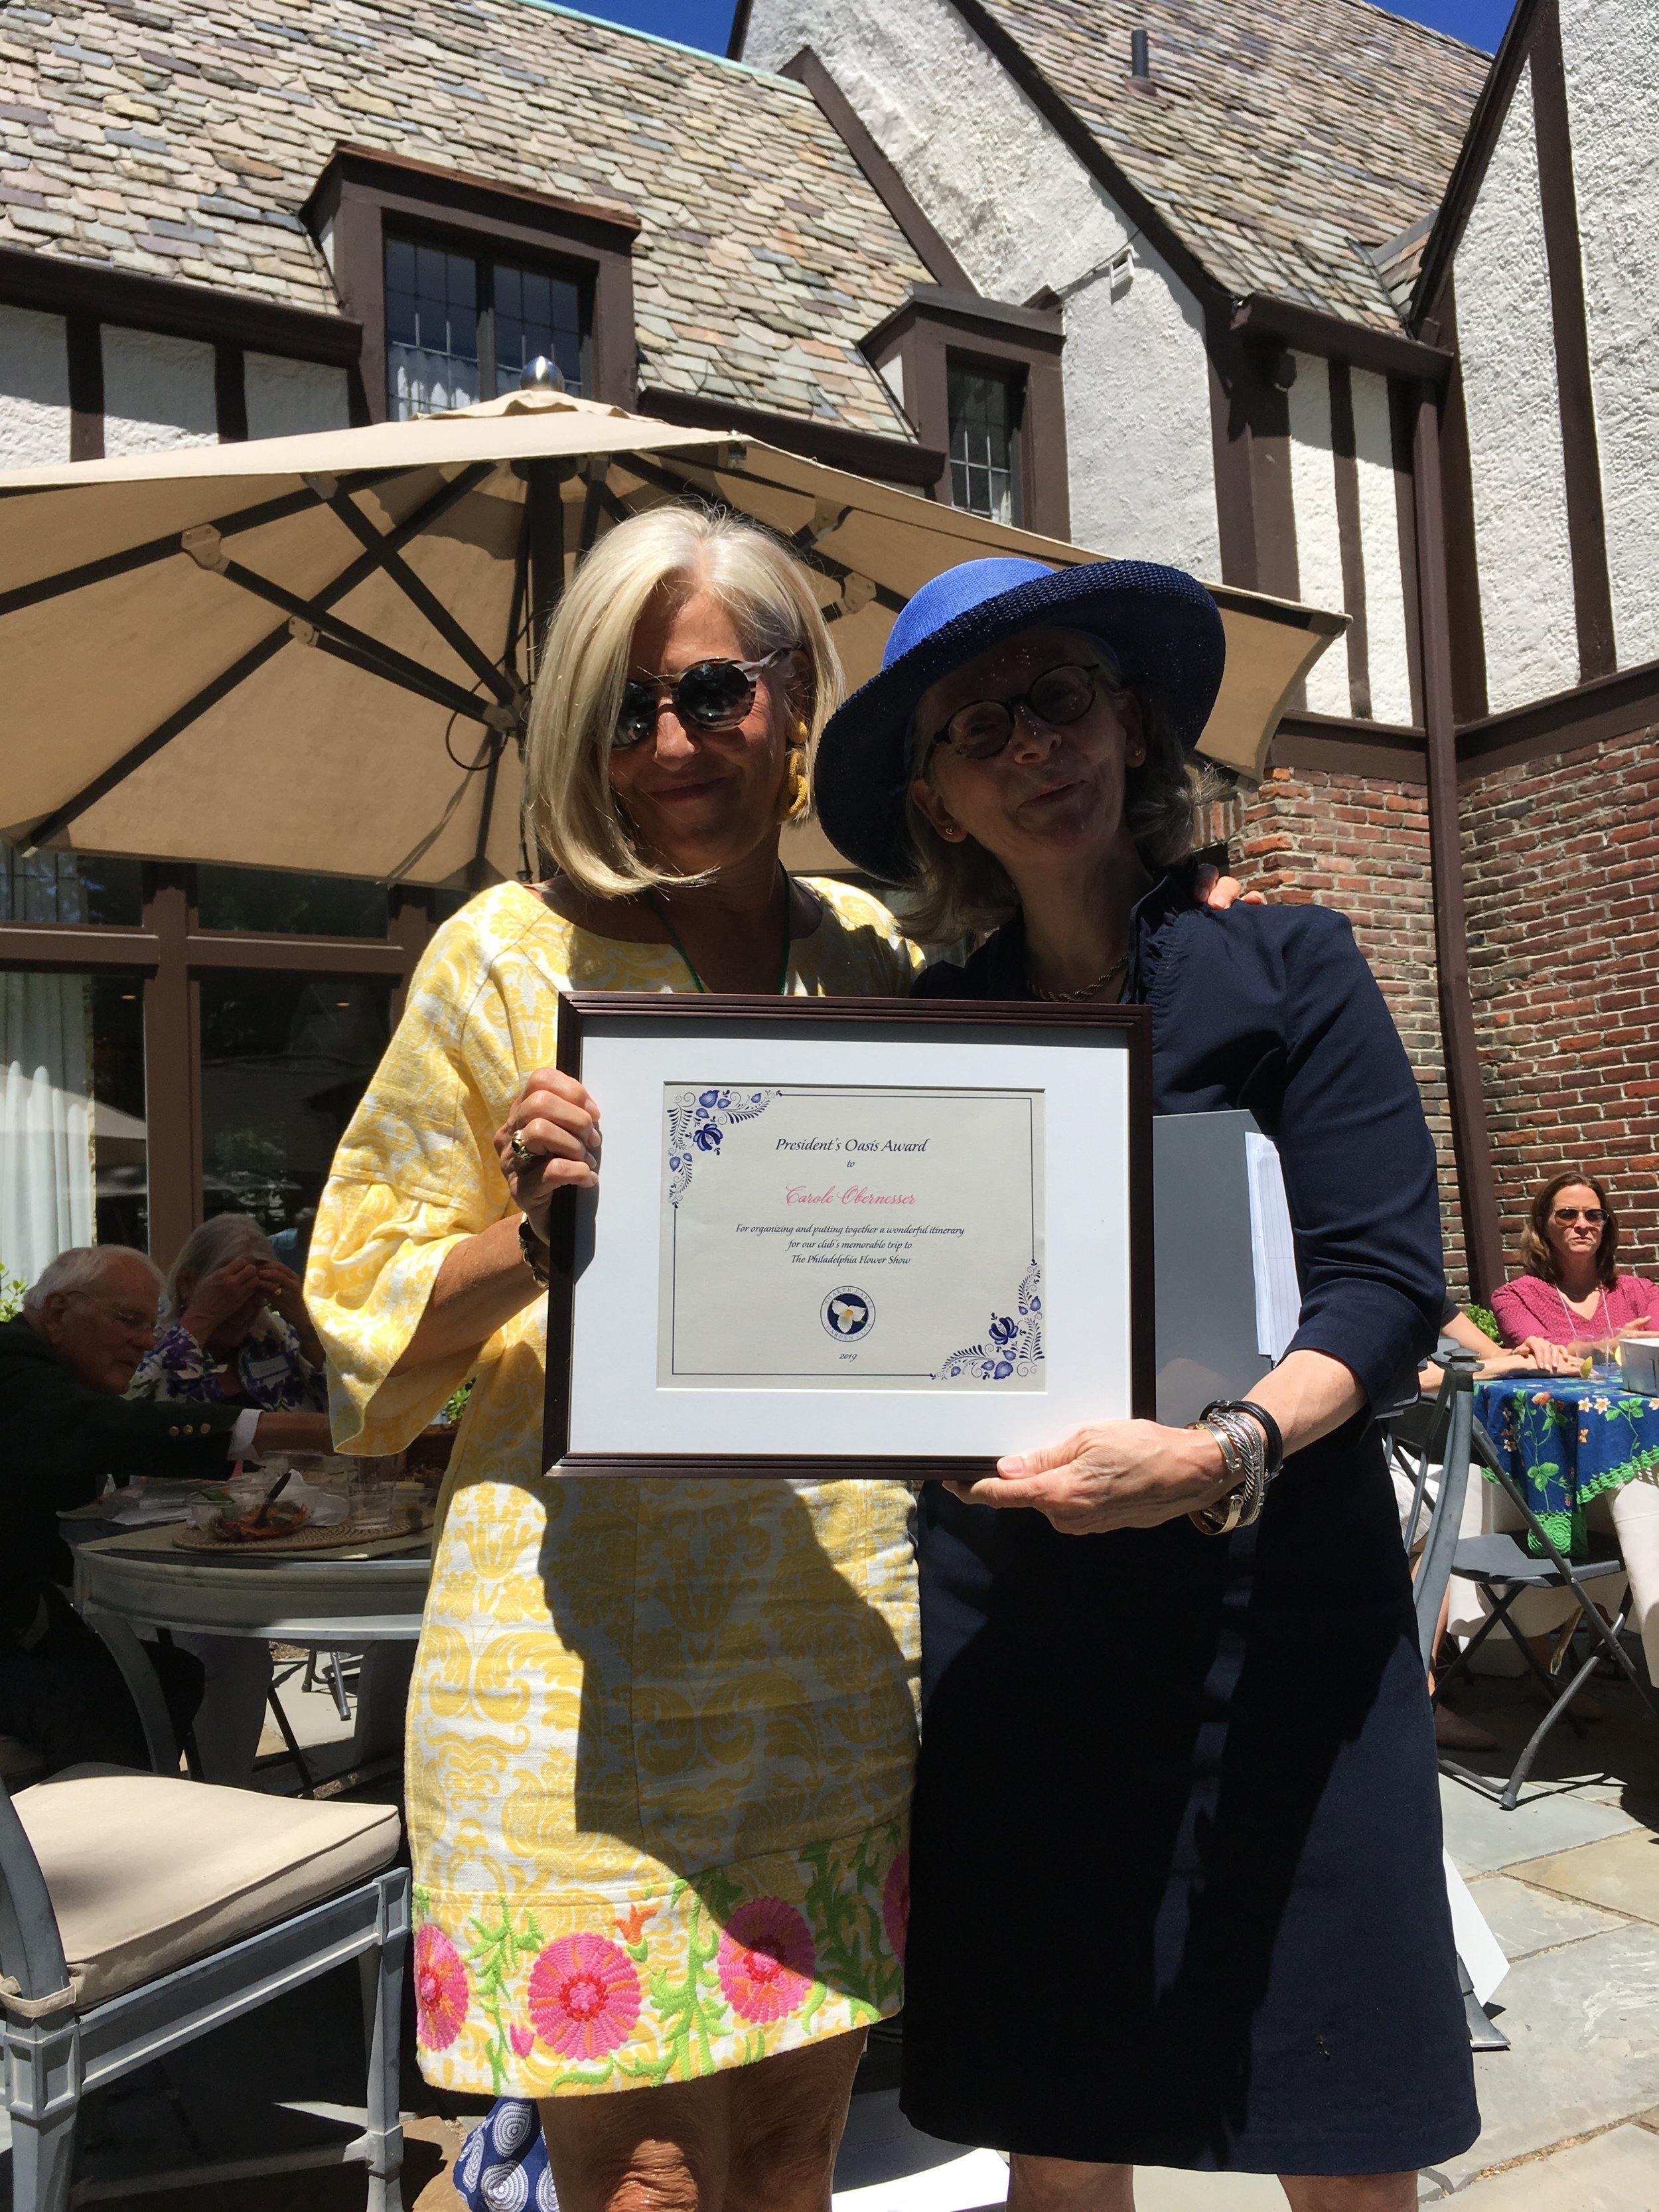 Carole Obernesser - Oasis Award